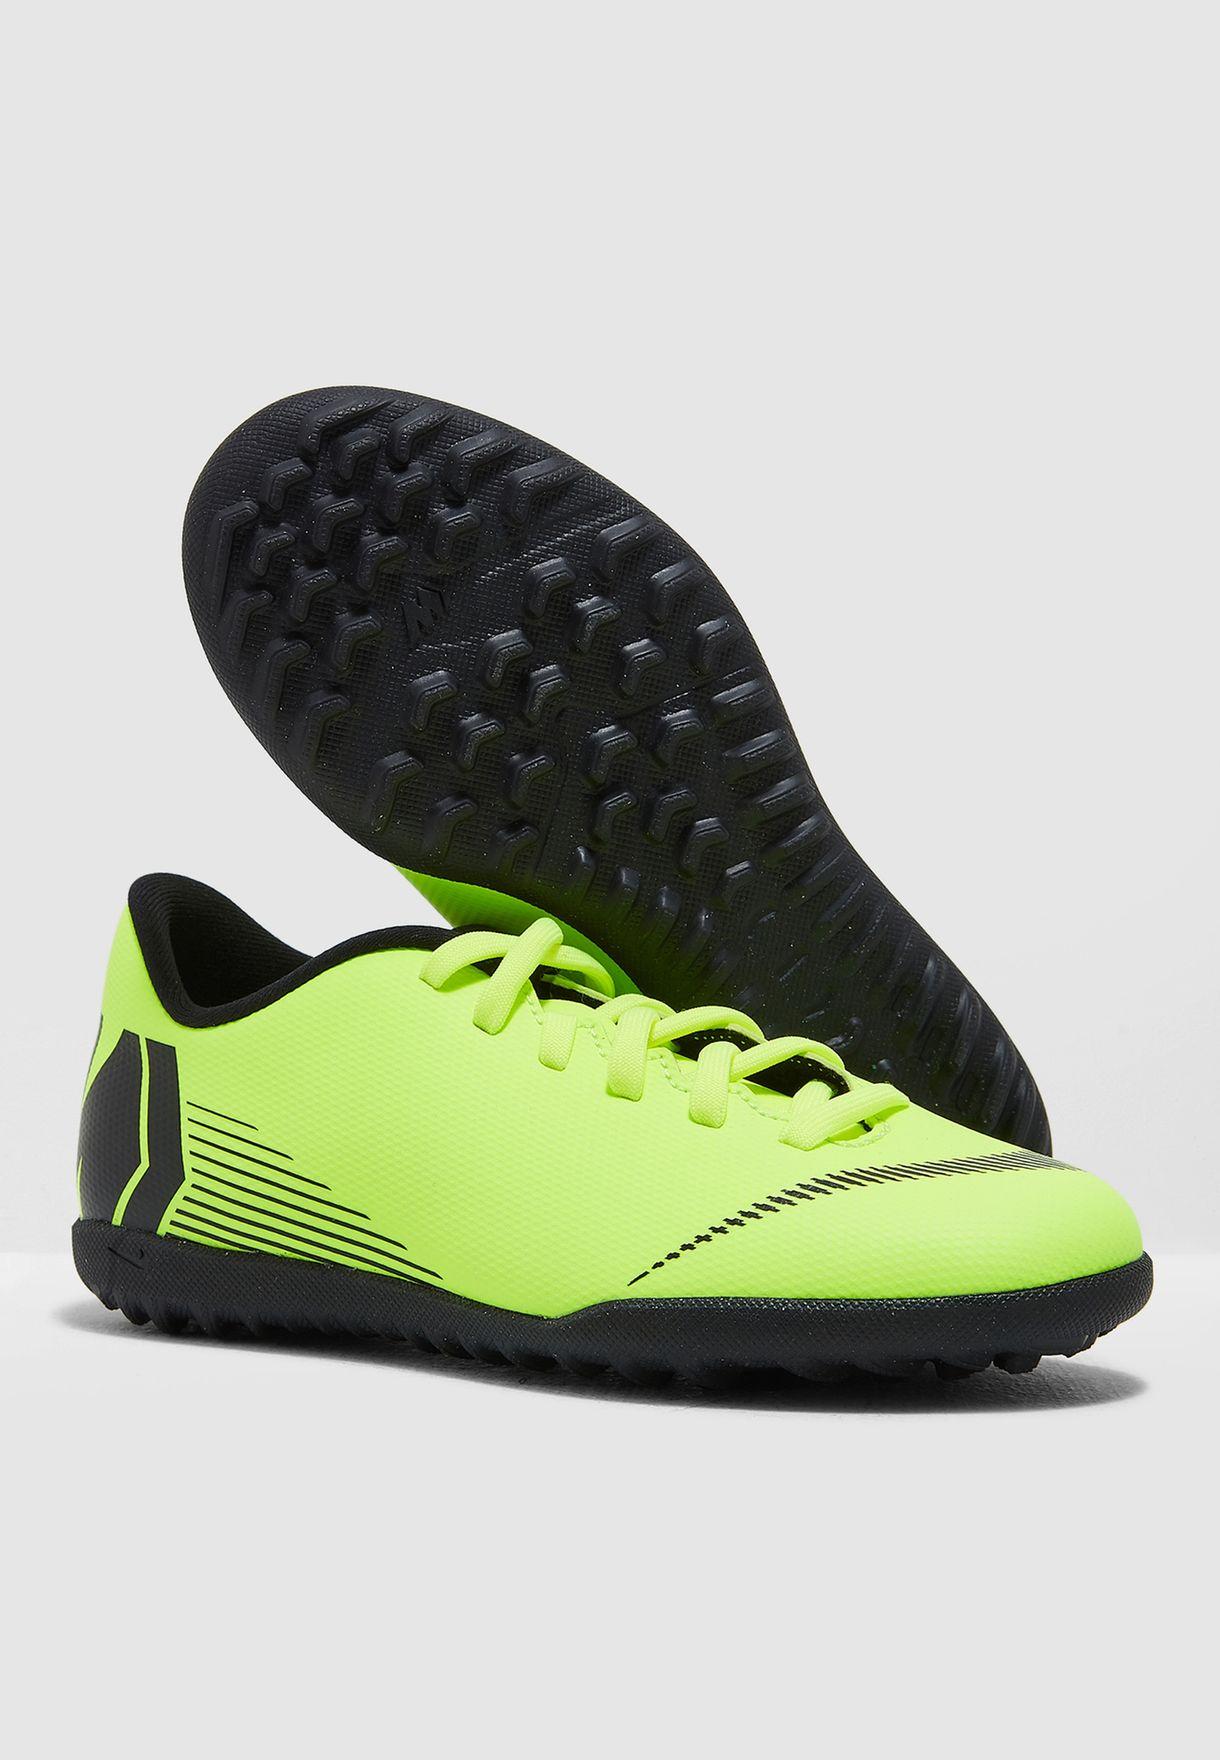 حذاء فابور اكس 12 كلوب للأرض العشبية